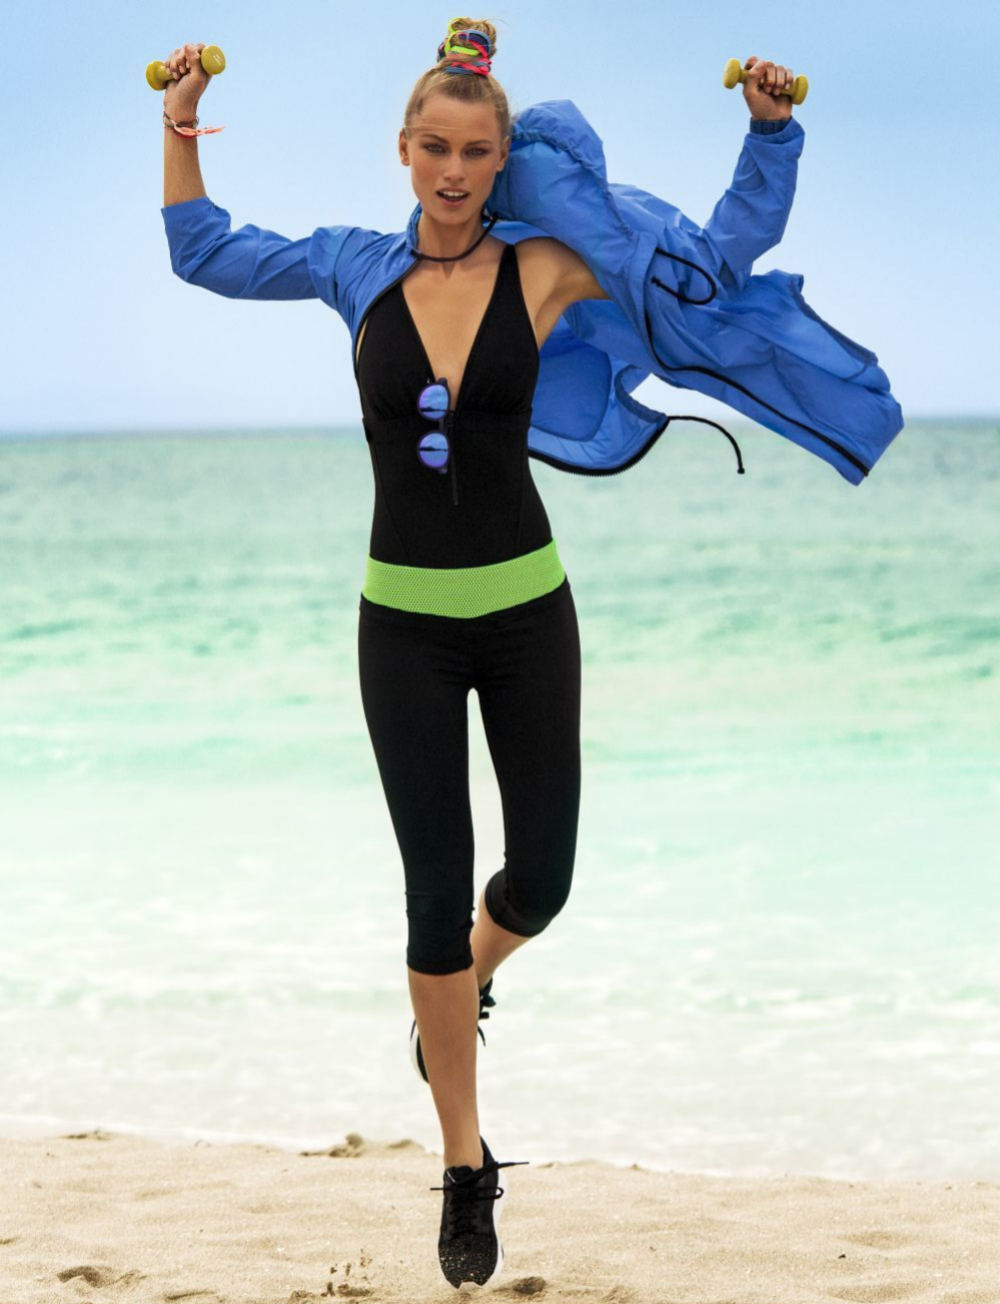 La combinación de ejercicio cardio con pesas es perfecta para evitar la pérdida de masa muscular.